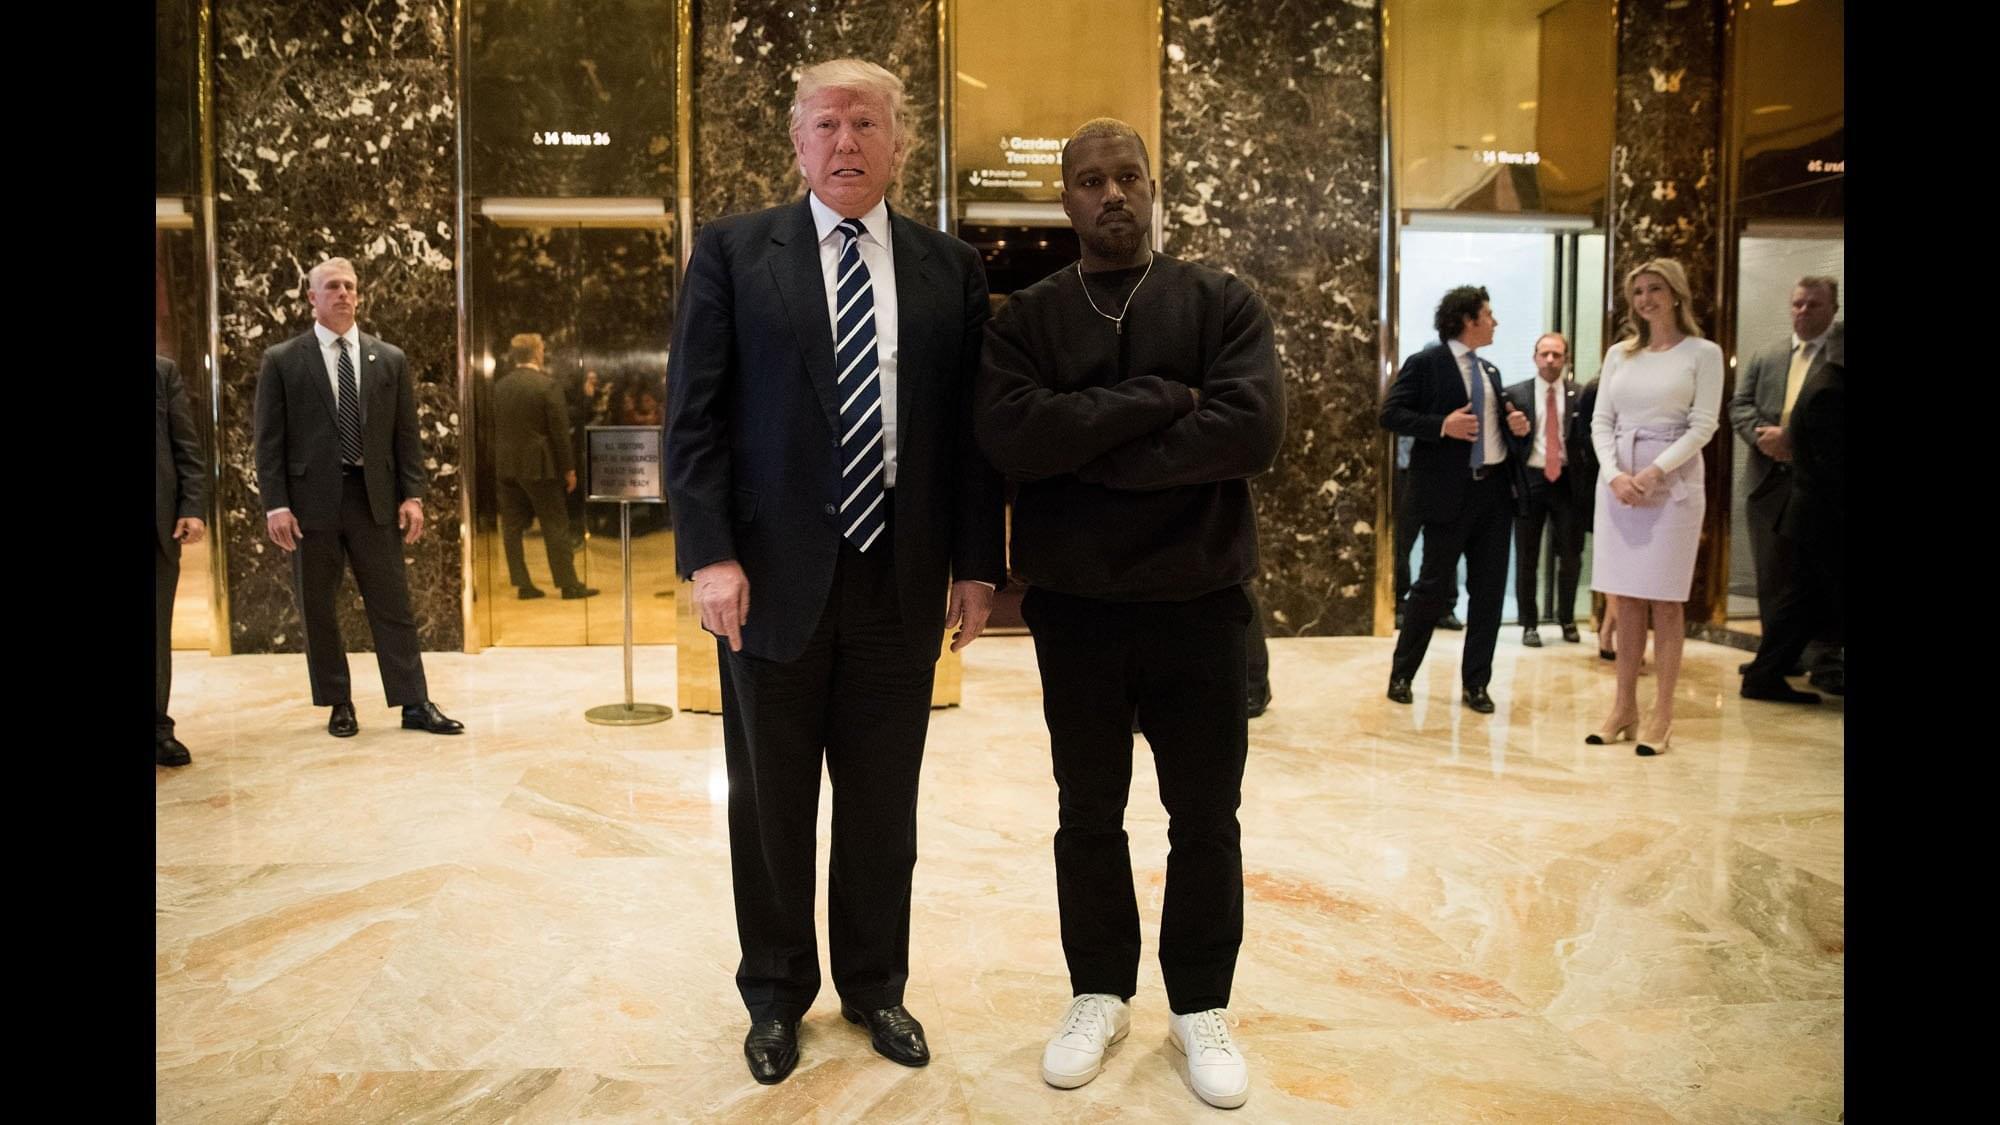 Kanye West Praises President Trump On Twitter